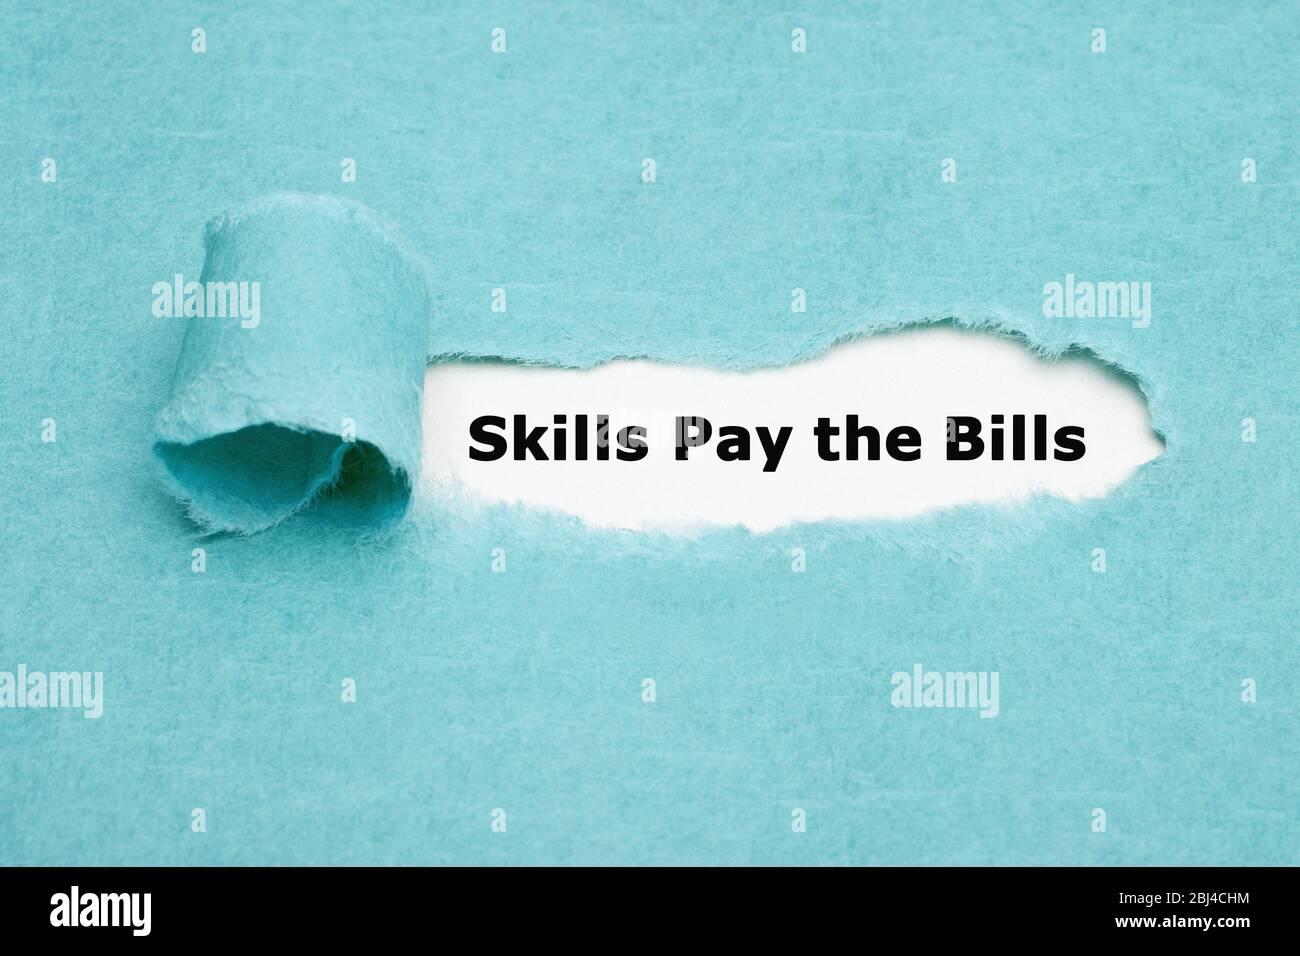 Gedruckte Textfähigkeiten Bezahlen Sie die Rechnungen, die hinter zerrissenem blauem Papier erscheinen. Stockfoto